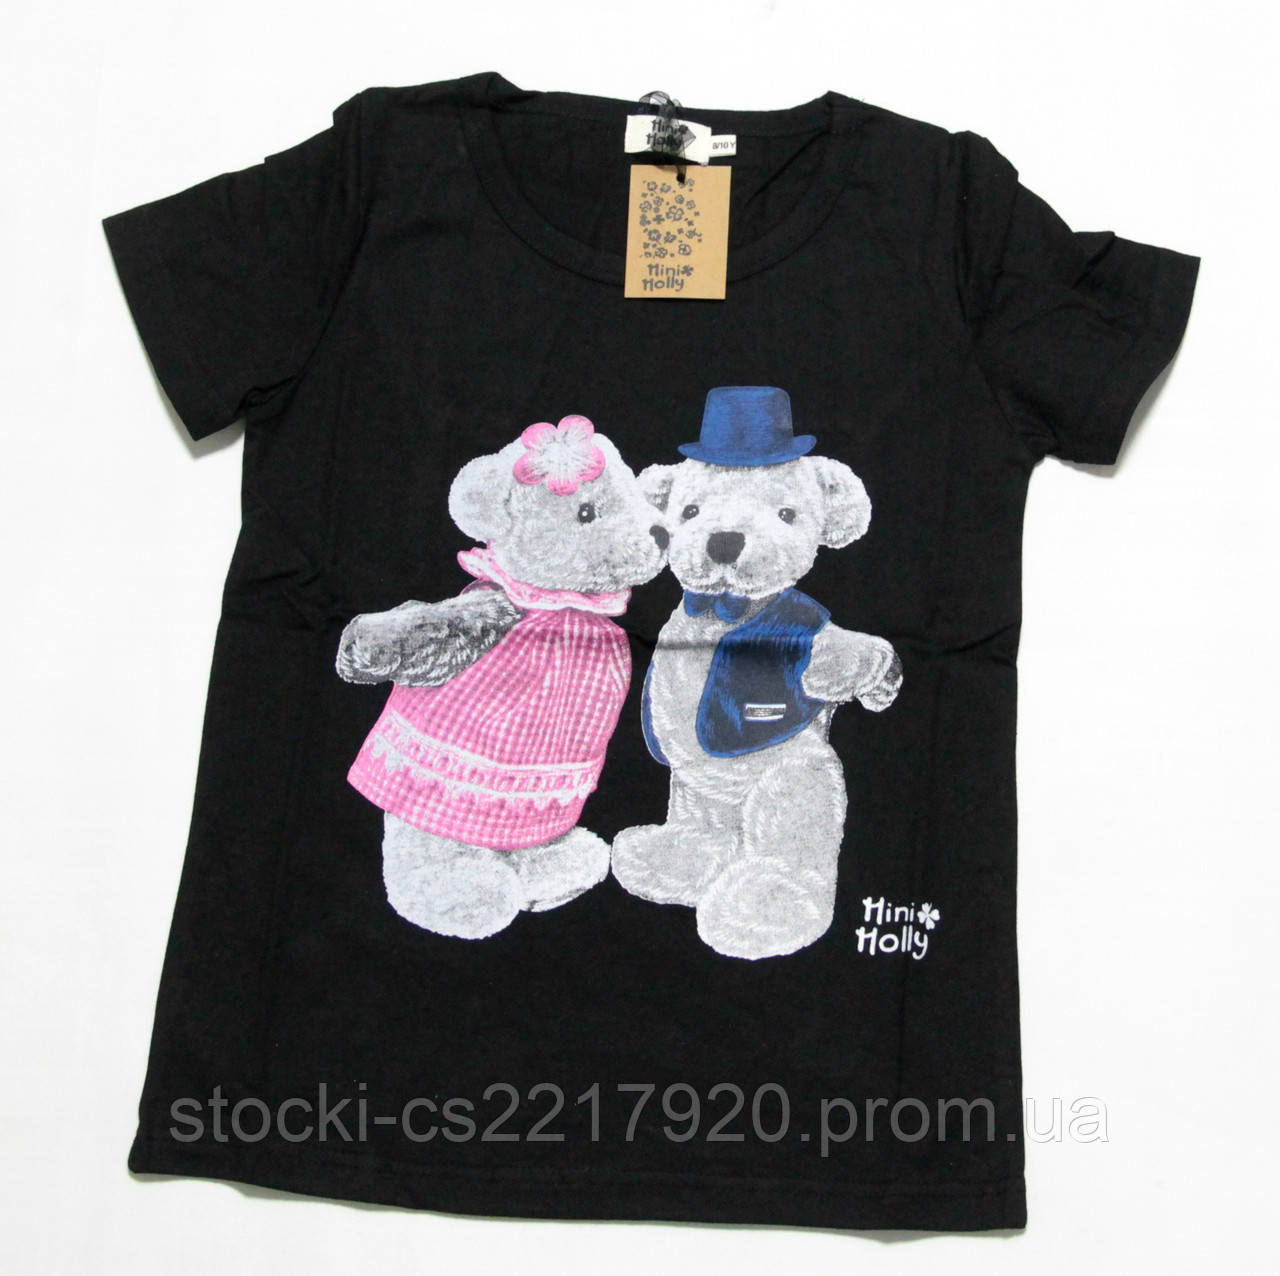 Дитячий одяг MINI MOLLY СТОК - Євросток в Львове c23593677c61c